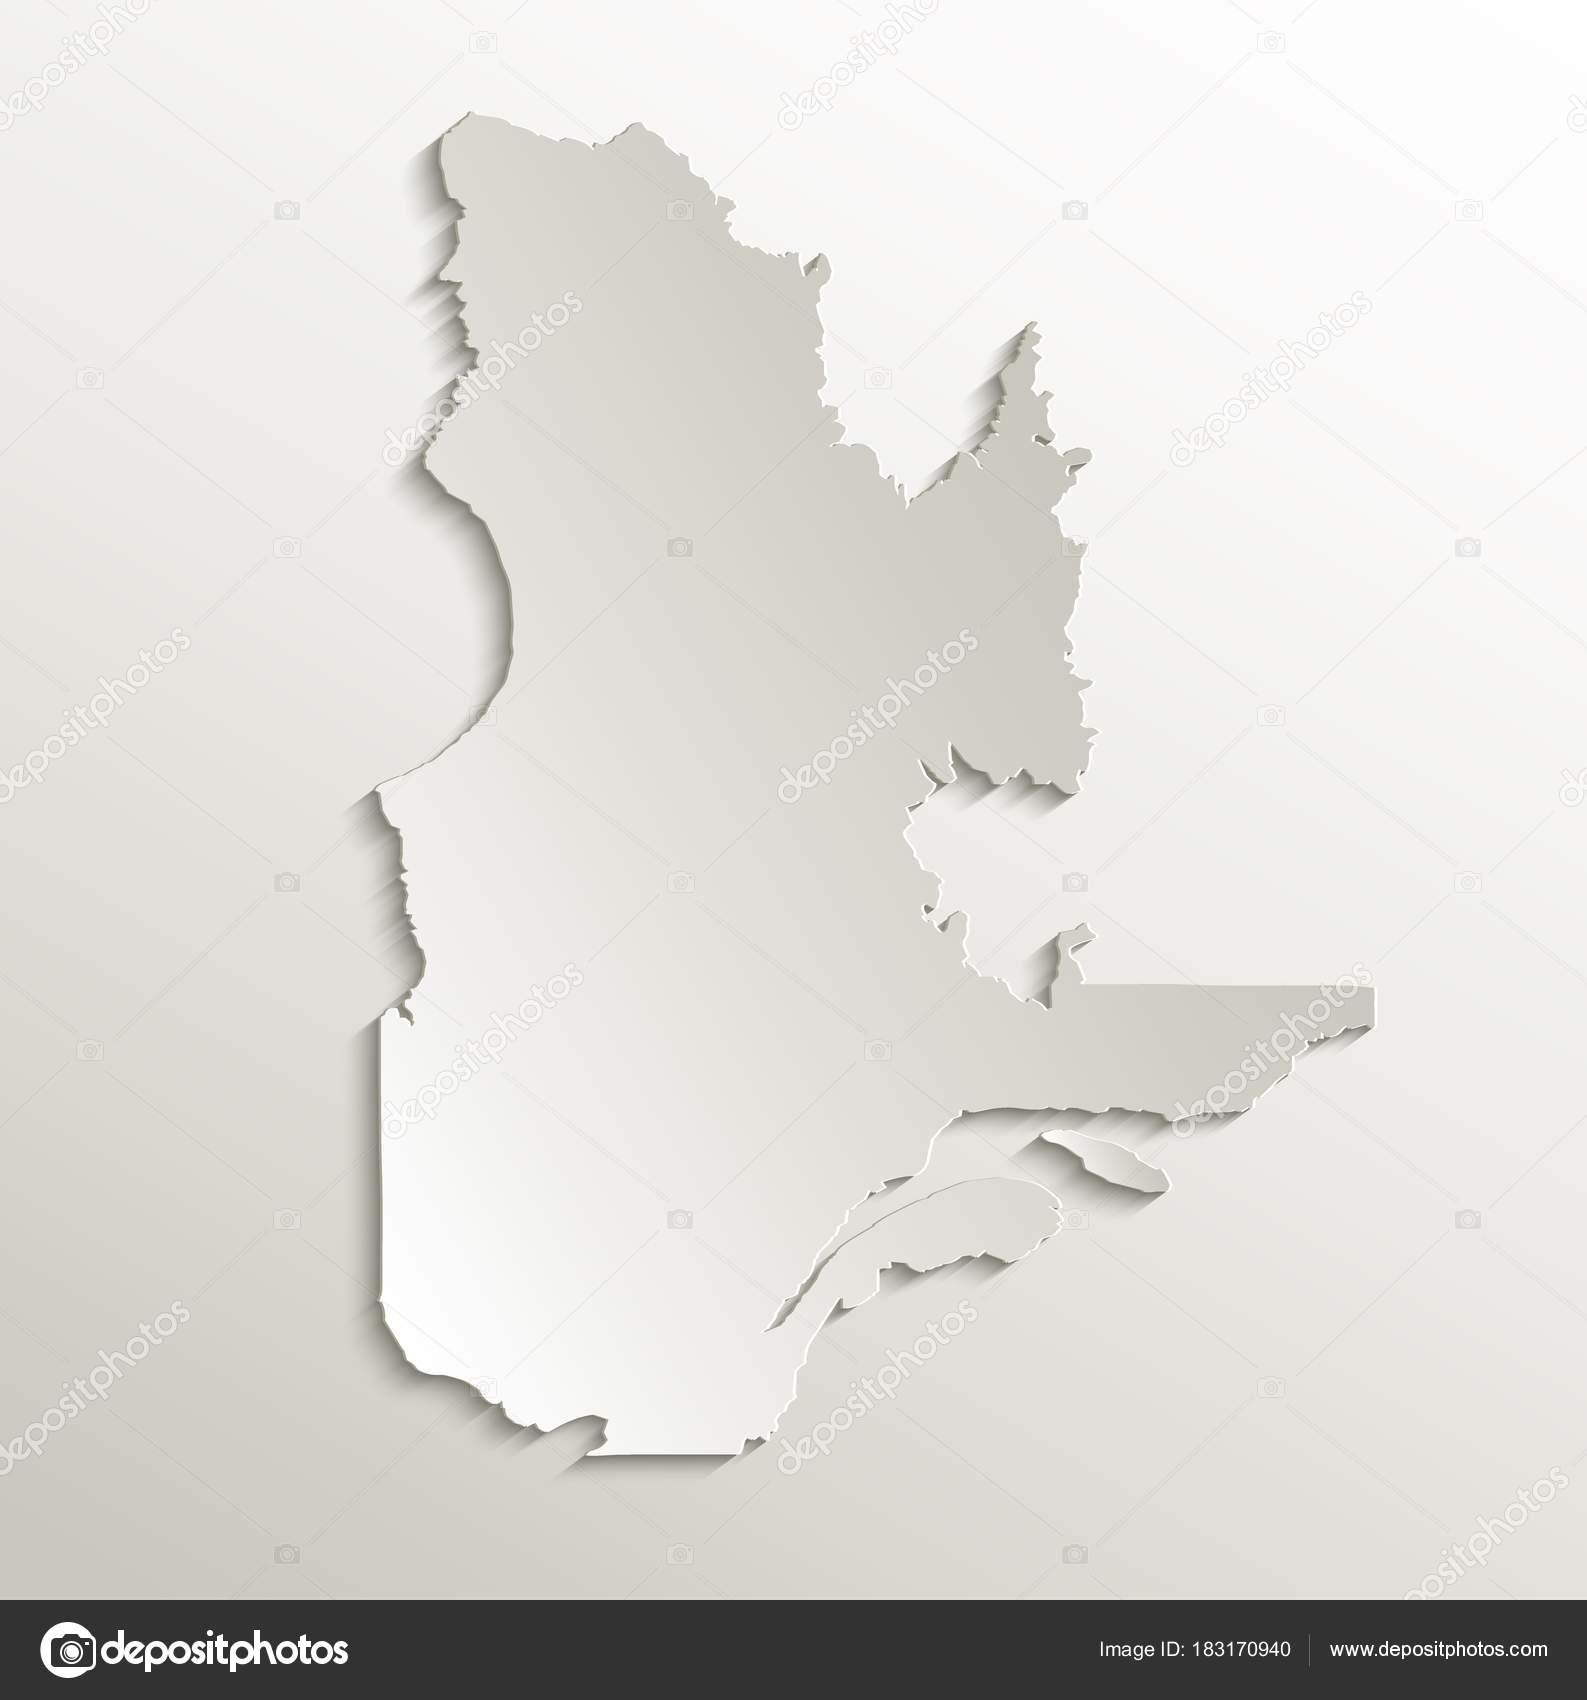 Mapa quebec cristal tarjeta papel trama fotos de stock mondih mapa quebec cristal tarjeta papel trama fotos de stock gumiabroncs Image collections